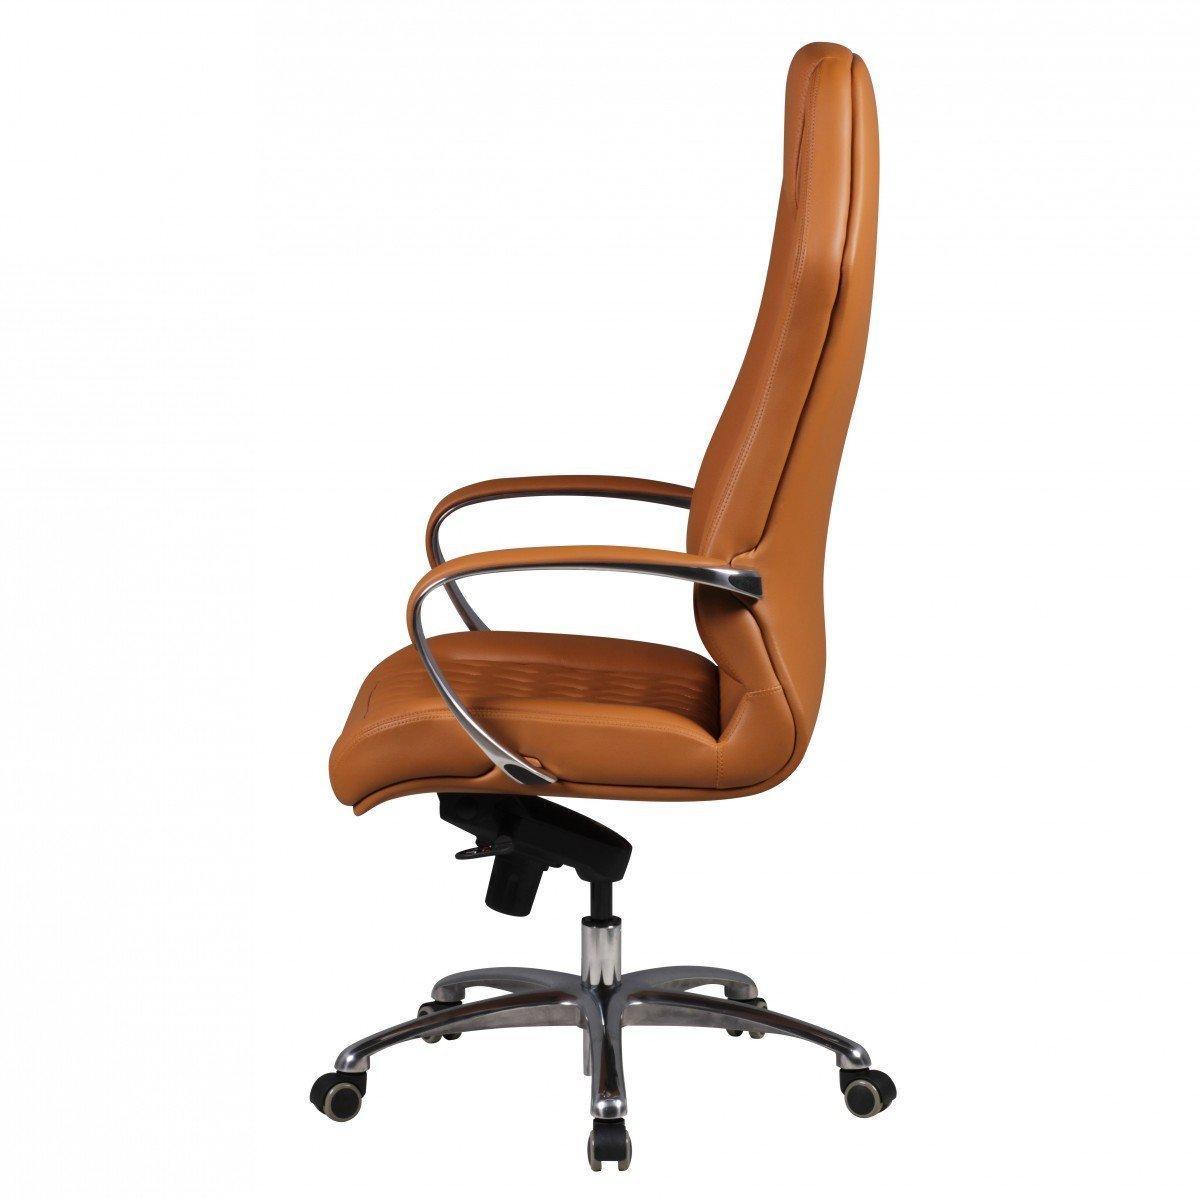 fauteuil ergonomique batura design magnifique revetement en cuir authentique marron clair